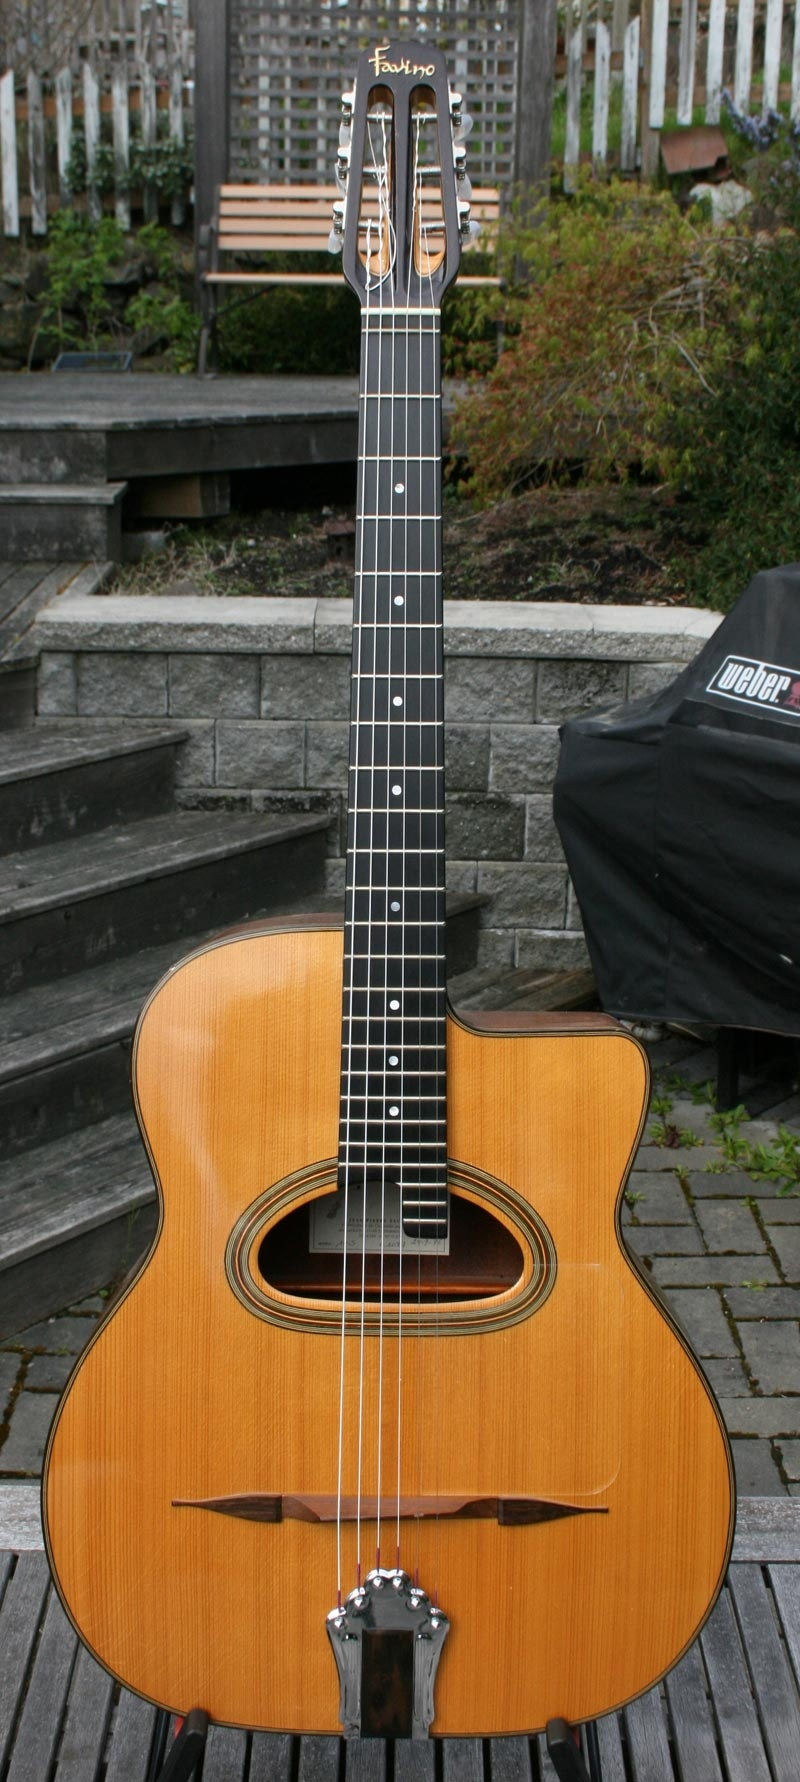 jp-favino-1996-front.jpg